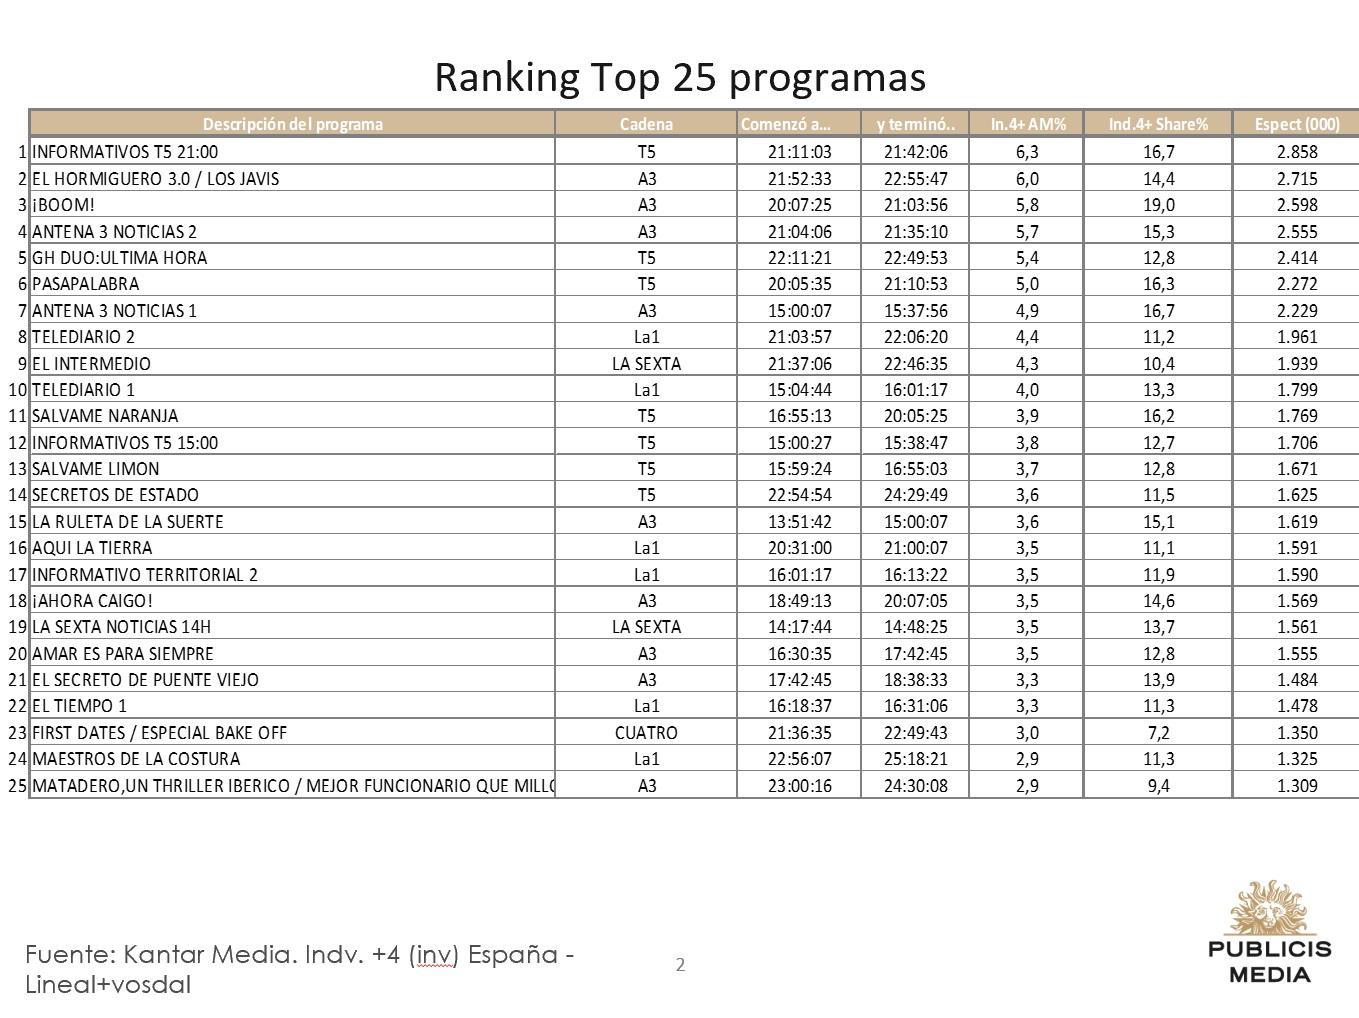 https://www.programapublicidad.com/wp-content/uploads/2019/03/Top-25-Publicis-media-6-marzo-2019-programapublicidad-muy-grande-1.jpg